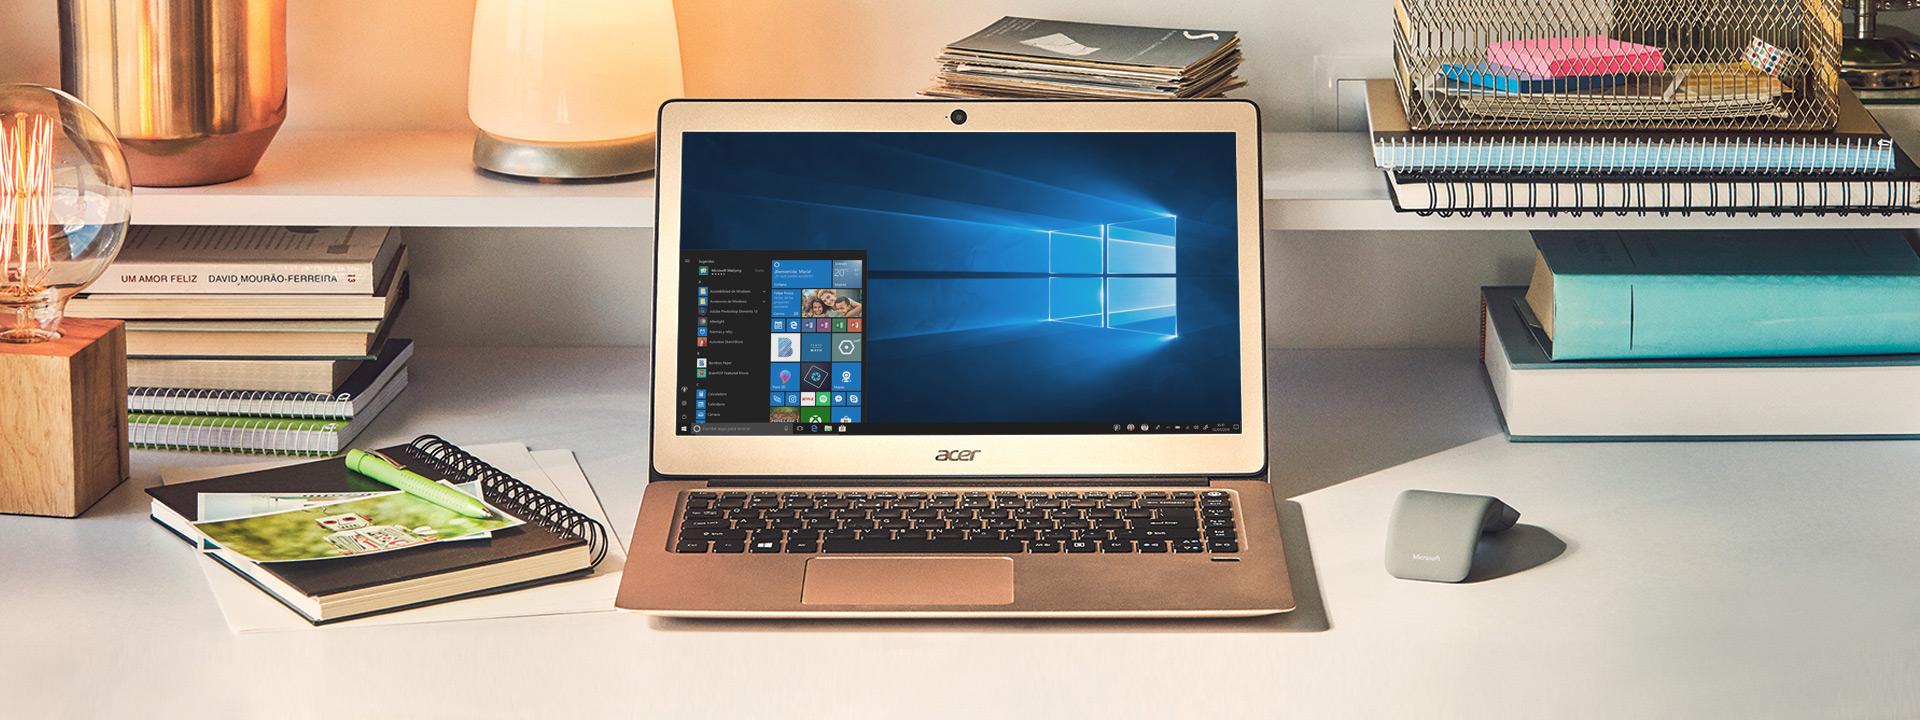 Portátil Acer y mouse, sobre un escritorio rodeado de libros y cuadernos